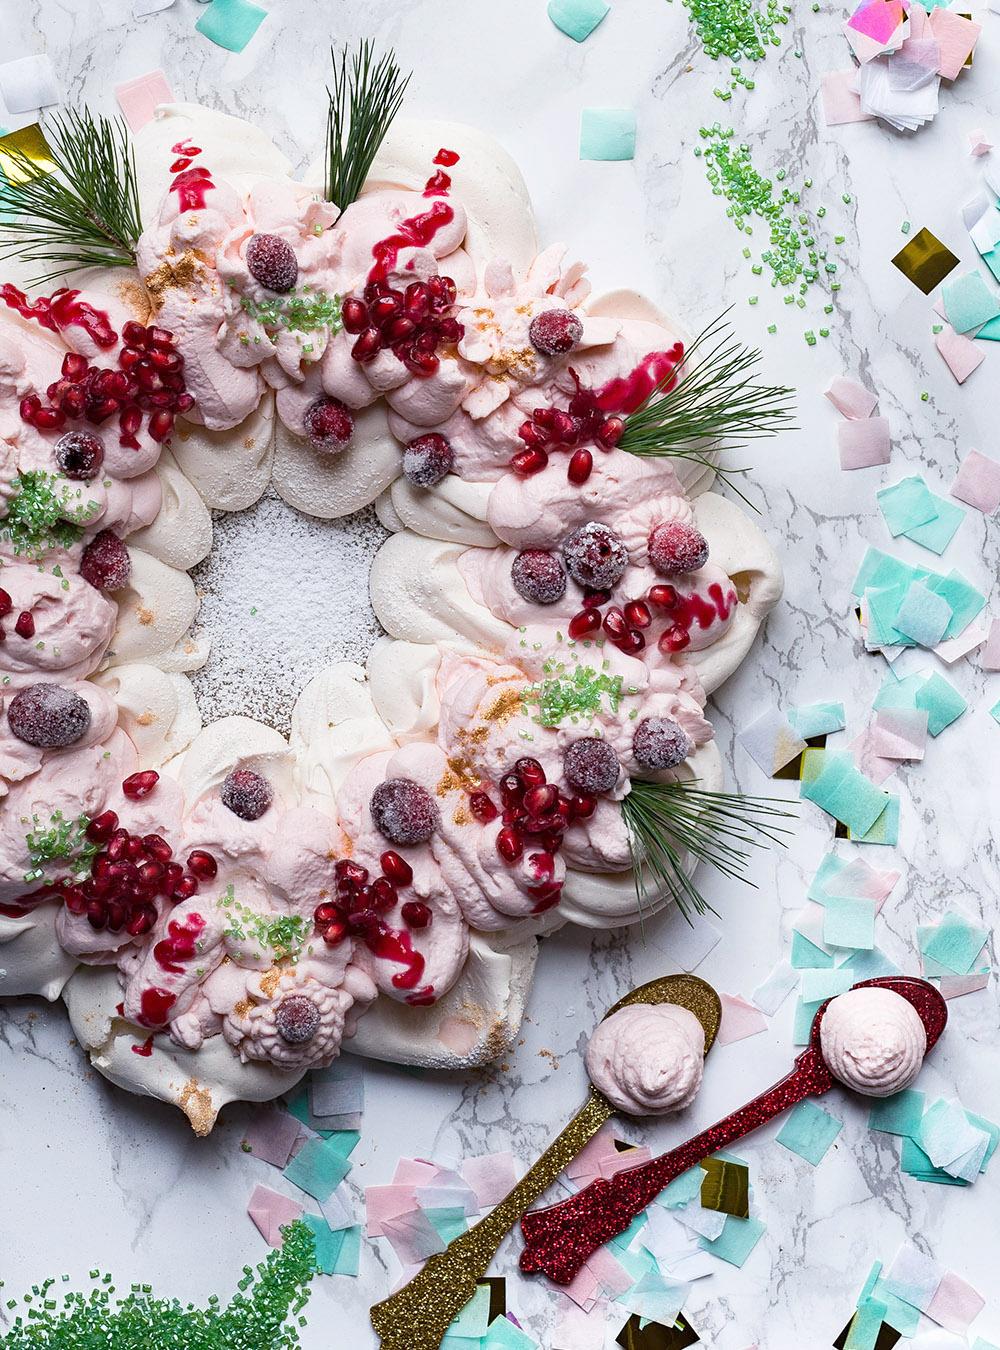 Festlicher Pavlova Kranz mit frischer Creme, Granatapfel und Cranberries